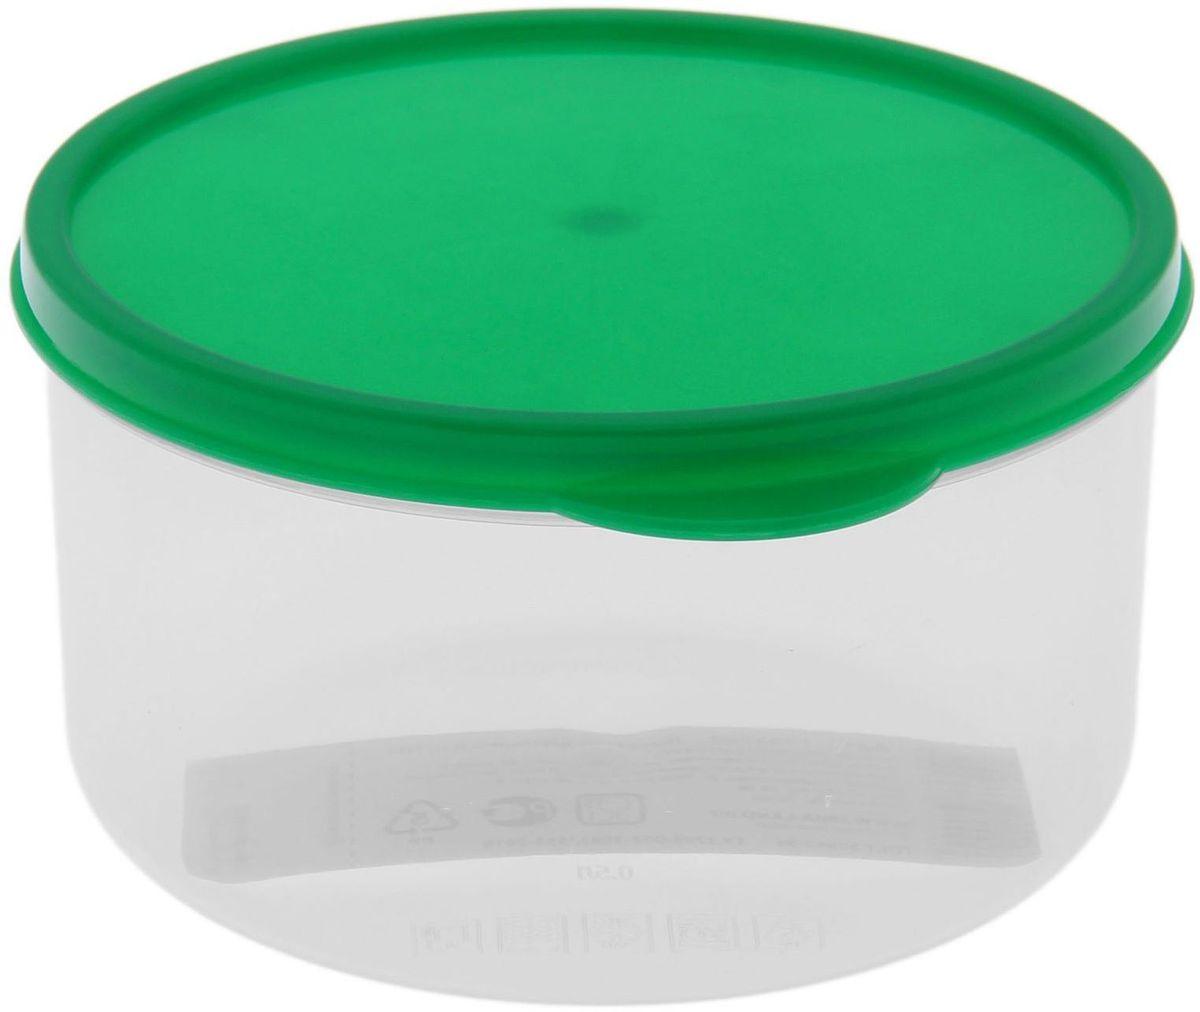 Контейнер пищевой Доляна, круглый, цвет: зеленый, 500 млVT-1520(SR)Если после вкусного обеда осталась еда, а насладиться трапезой хочется и на следующий день, ланч-бокс станет отличным решением данной проблемы!Такой контейнер является незаменимым предметом кухонной утвари, ведь у него много преимуществ:Простота ухода. Ланч-бокс достаточно промыть тёплой водой с небольшим количеством чистящего средства, и он снова готов к использованию.Вместительность. Большой выбор форм и объёма поможет разместить разнообразные продукты от сахара до супов.Эргономичность. Ланч-боксы очень легко хранить даже в самой маленькой кухне, так как их можно поставить один в другой по принципу матрёшки.Многофункциональность. Разнообразие цветов и форм делает возможным использование контейнеров не только на кухне, но и в других областях домашнего быта.Любители приготовления обеда на всю семью в большинстве случаев приобретают ланч-боксы наборами, так как это позволяет рассортировать продукты по всевозможным признакам. К тому же контейнеры среднего размера станут незаменимыми помощниками на работе: ведь что может быть приятнее, чем порадовать себя во время обеда прекрасной едой, заботливо сохранённой в контейнере?В качестве материала для изготовления используется пластик, что делает процесс ухода за контейнером ещё более эффективным. К каждому ланч-боксу в комплекте также прилагается крышка подходящего размера, это позволяет плотно и надёжно удерживать запах еды и упрощает процесс транспортировки.Однако рекомендуется соблюдать и меры предосторожности: не использовать пластиковые контейнеры в духовых шкафах и на открытом огне, а также не разогревать в микроволновых печах при закрытой крышке ланч-бокса. Соблюдение мер безопасности позволит продлить срок эксплуатации и сохранить отличный внешний вид изделия.Эргономичный дизайн и многофункциональность таких контейнеров — вот, что является причиной большой популярности данного предмета у каждой хозяйки. А в преддверии лета и дачного сезона такое прио